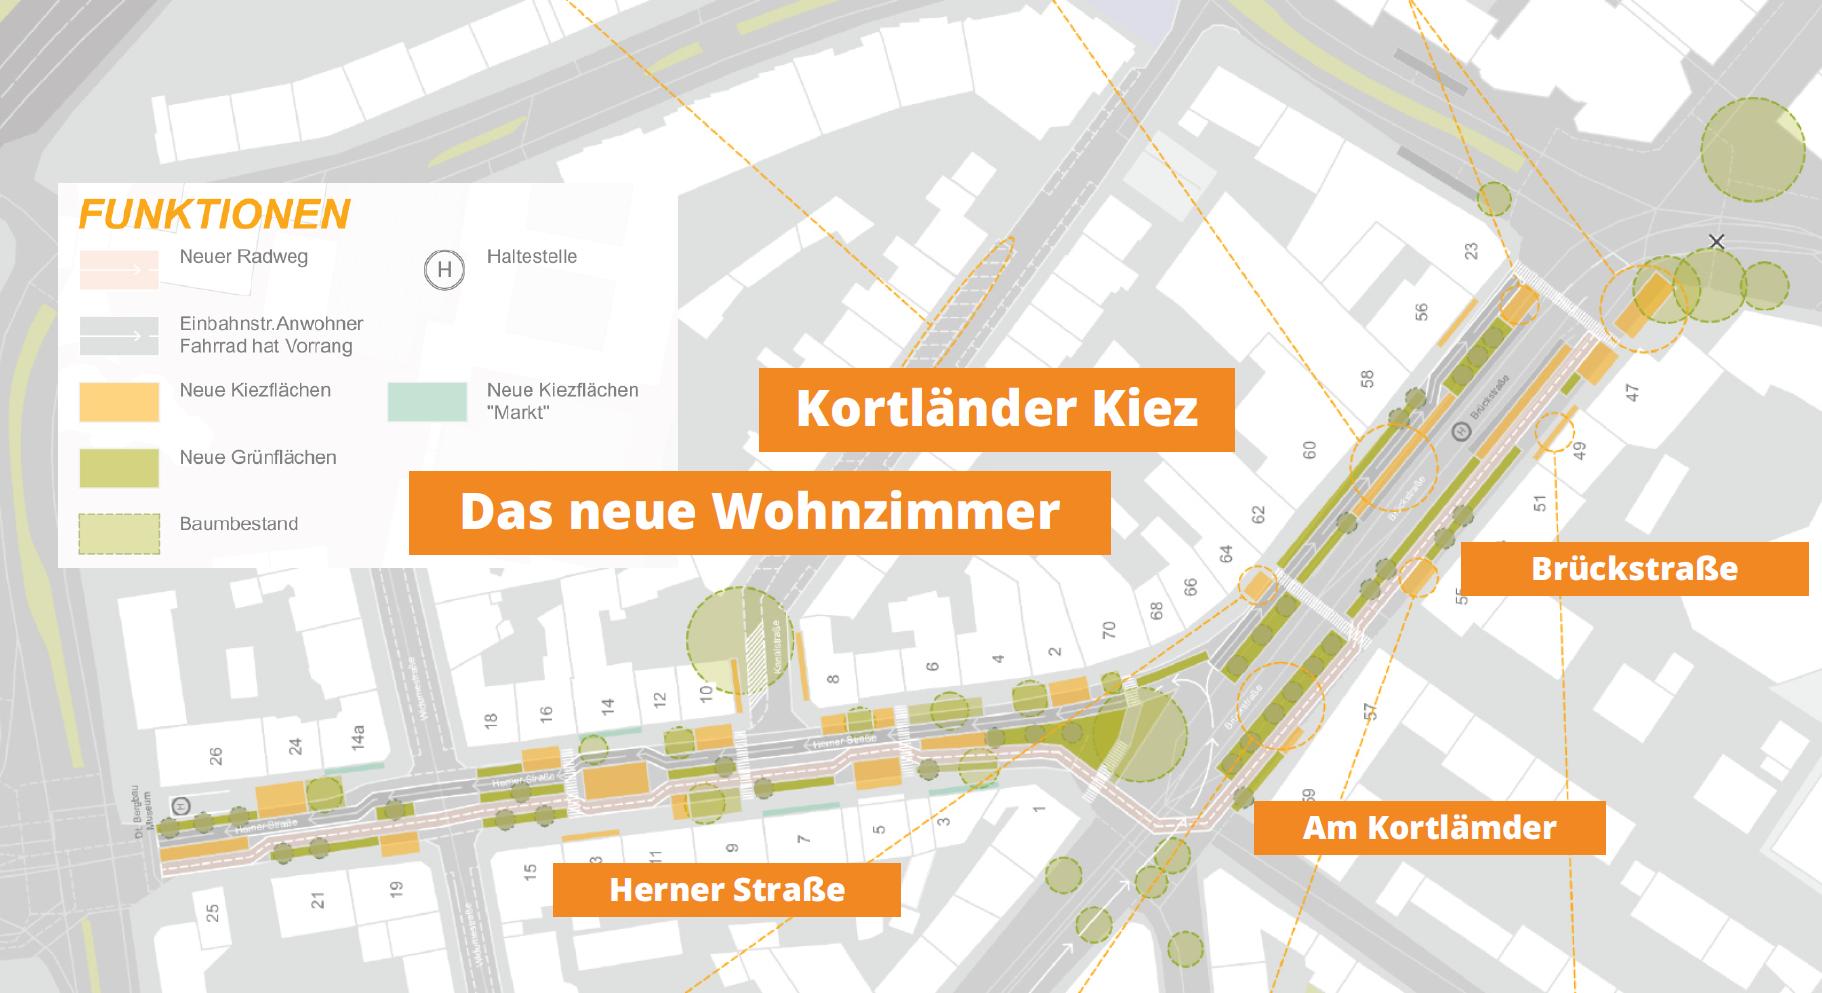 Herner und Brückstraße sollen zum Wohnzimmer des Kortländer Kiezes werden